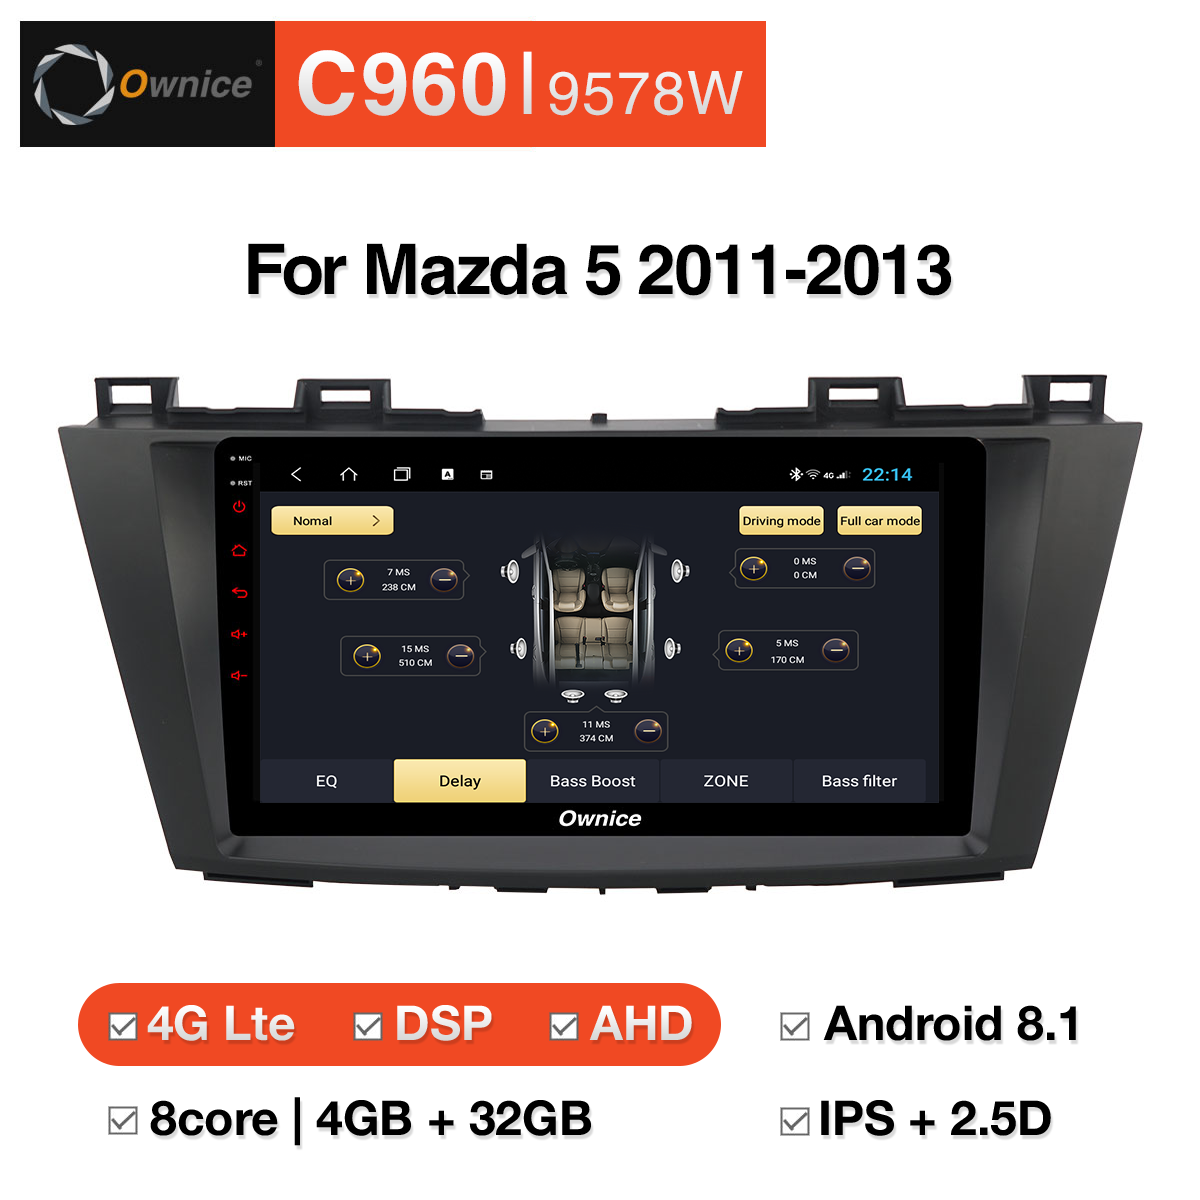 Đầu DVD android Ownice C960 cho xe ô tô Mazda 5 2011-2013